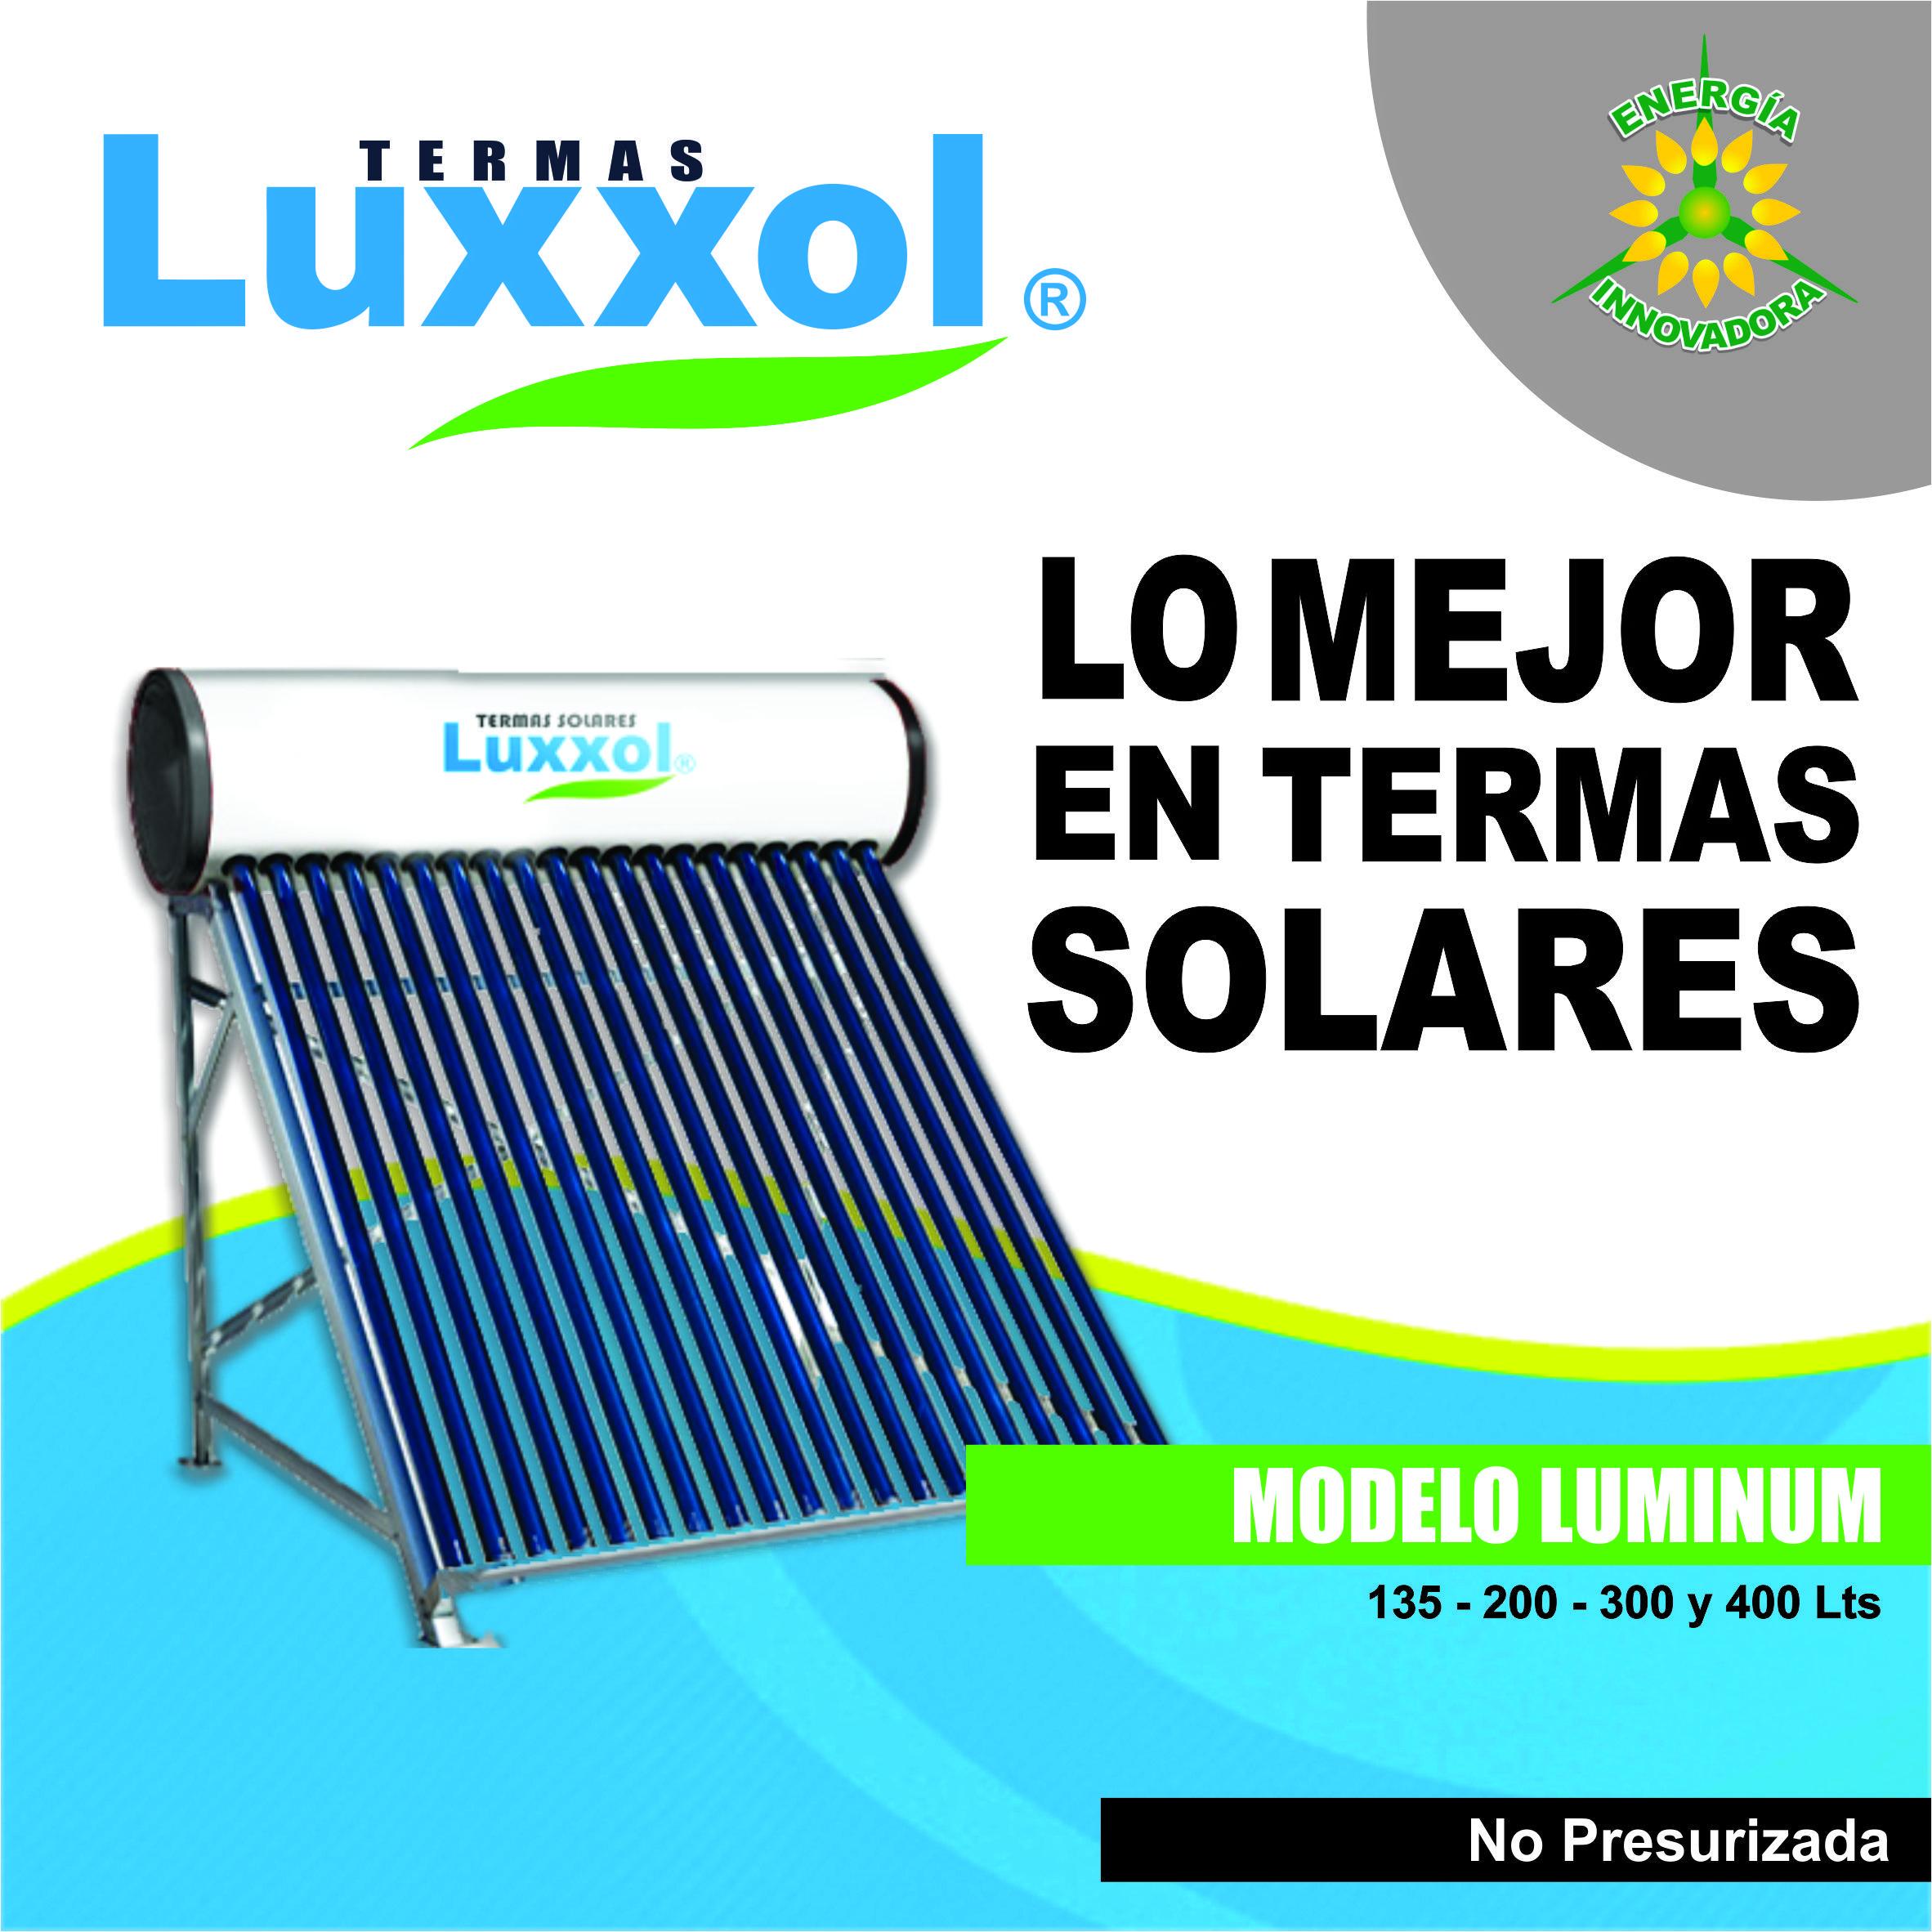 Una Terma Solar Utiliza La Energia Solar Para Calentar Agua Que Despues Es Almacenada En Tu Termo Tanque Para Poder Energia Solar Termas Productos Innovadores